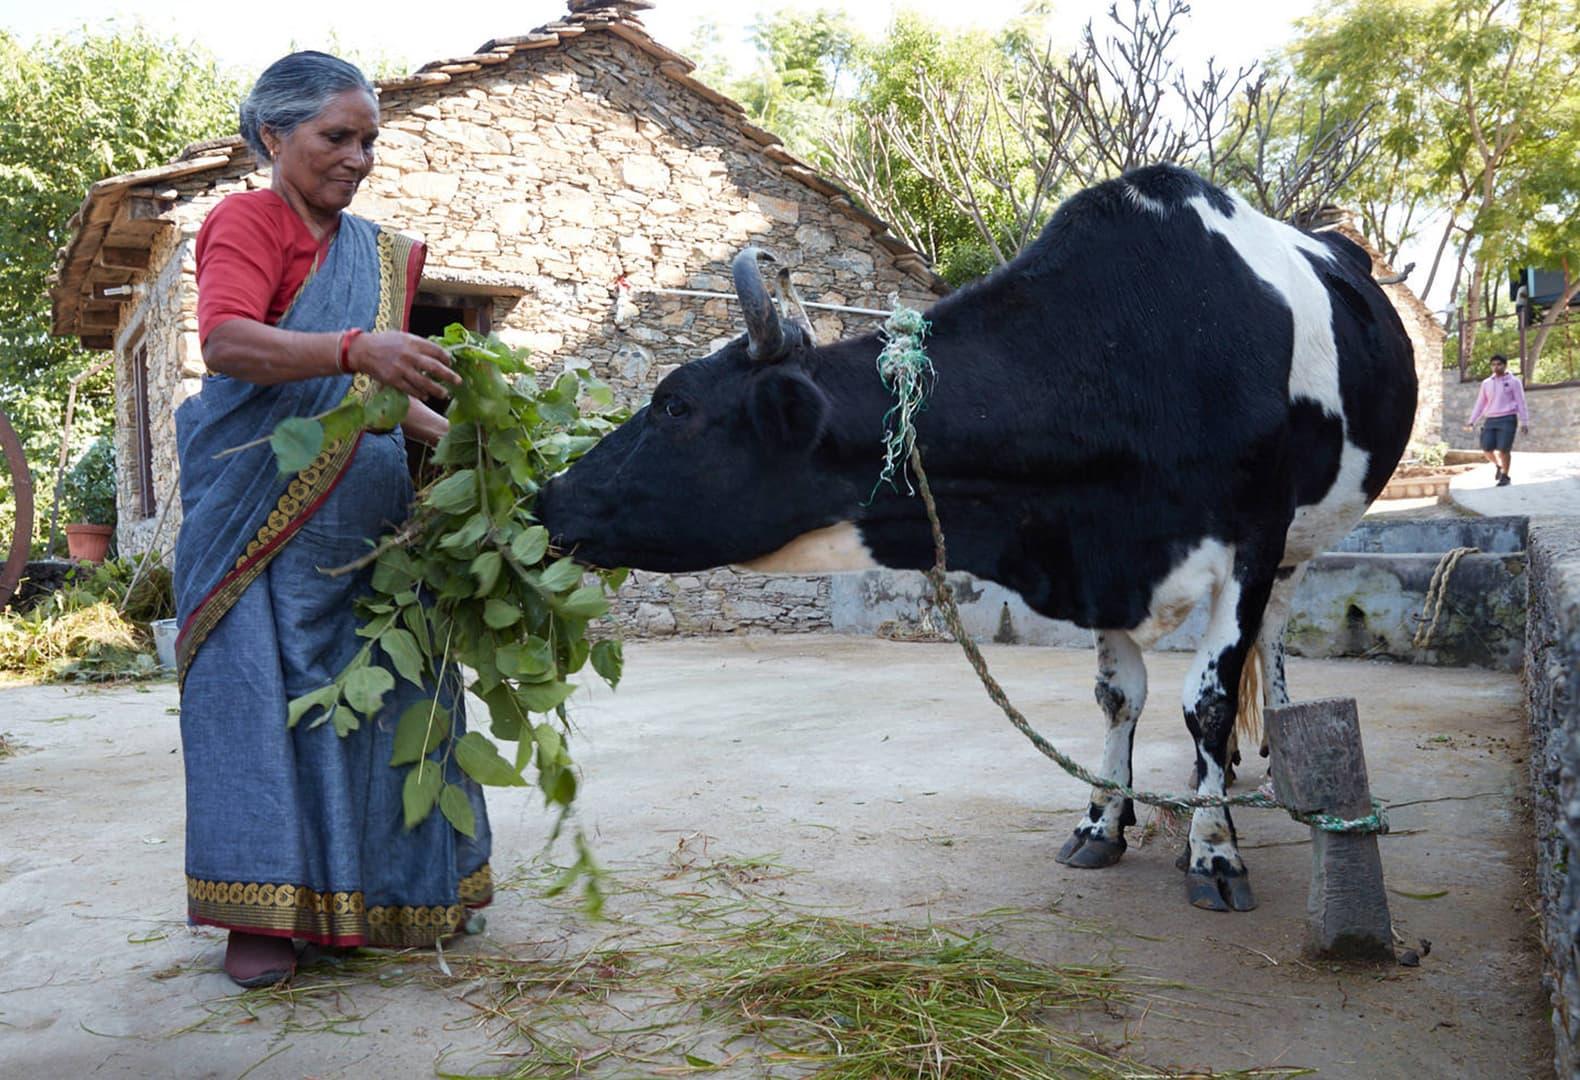 Новый объект для коммьюнити индийской деревни Лодси и компании Forest Essentials. Фото: Morphogenesis